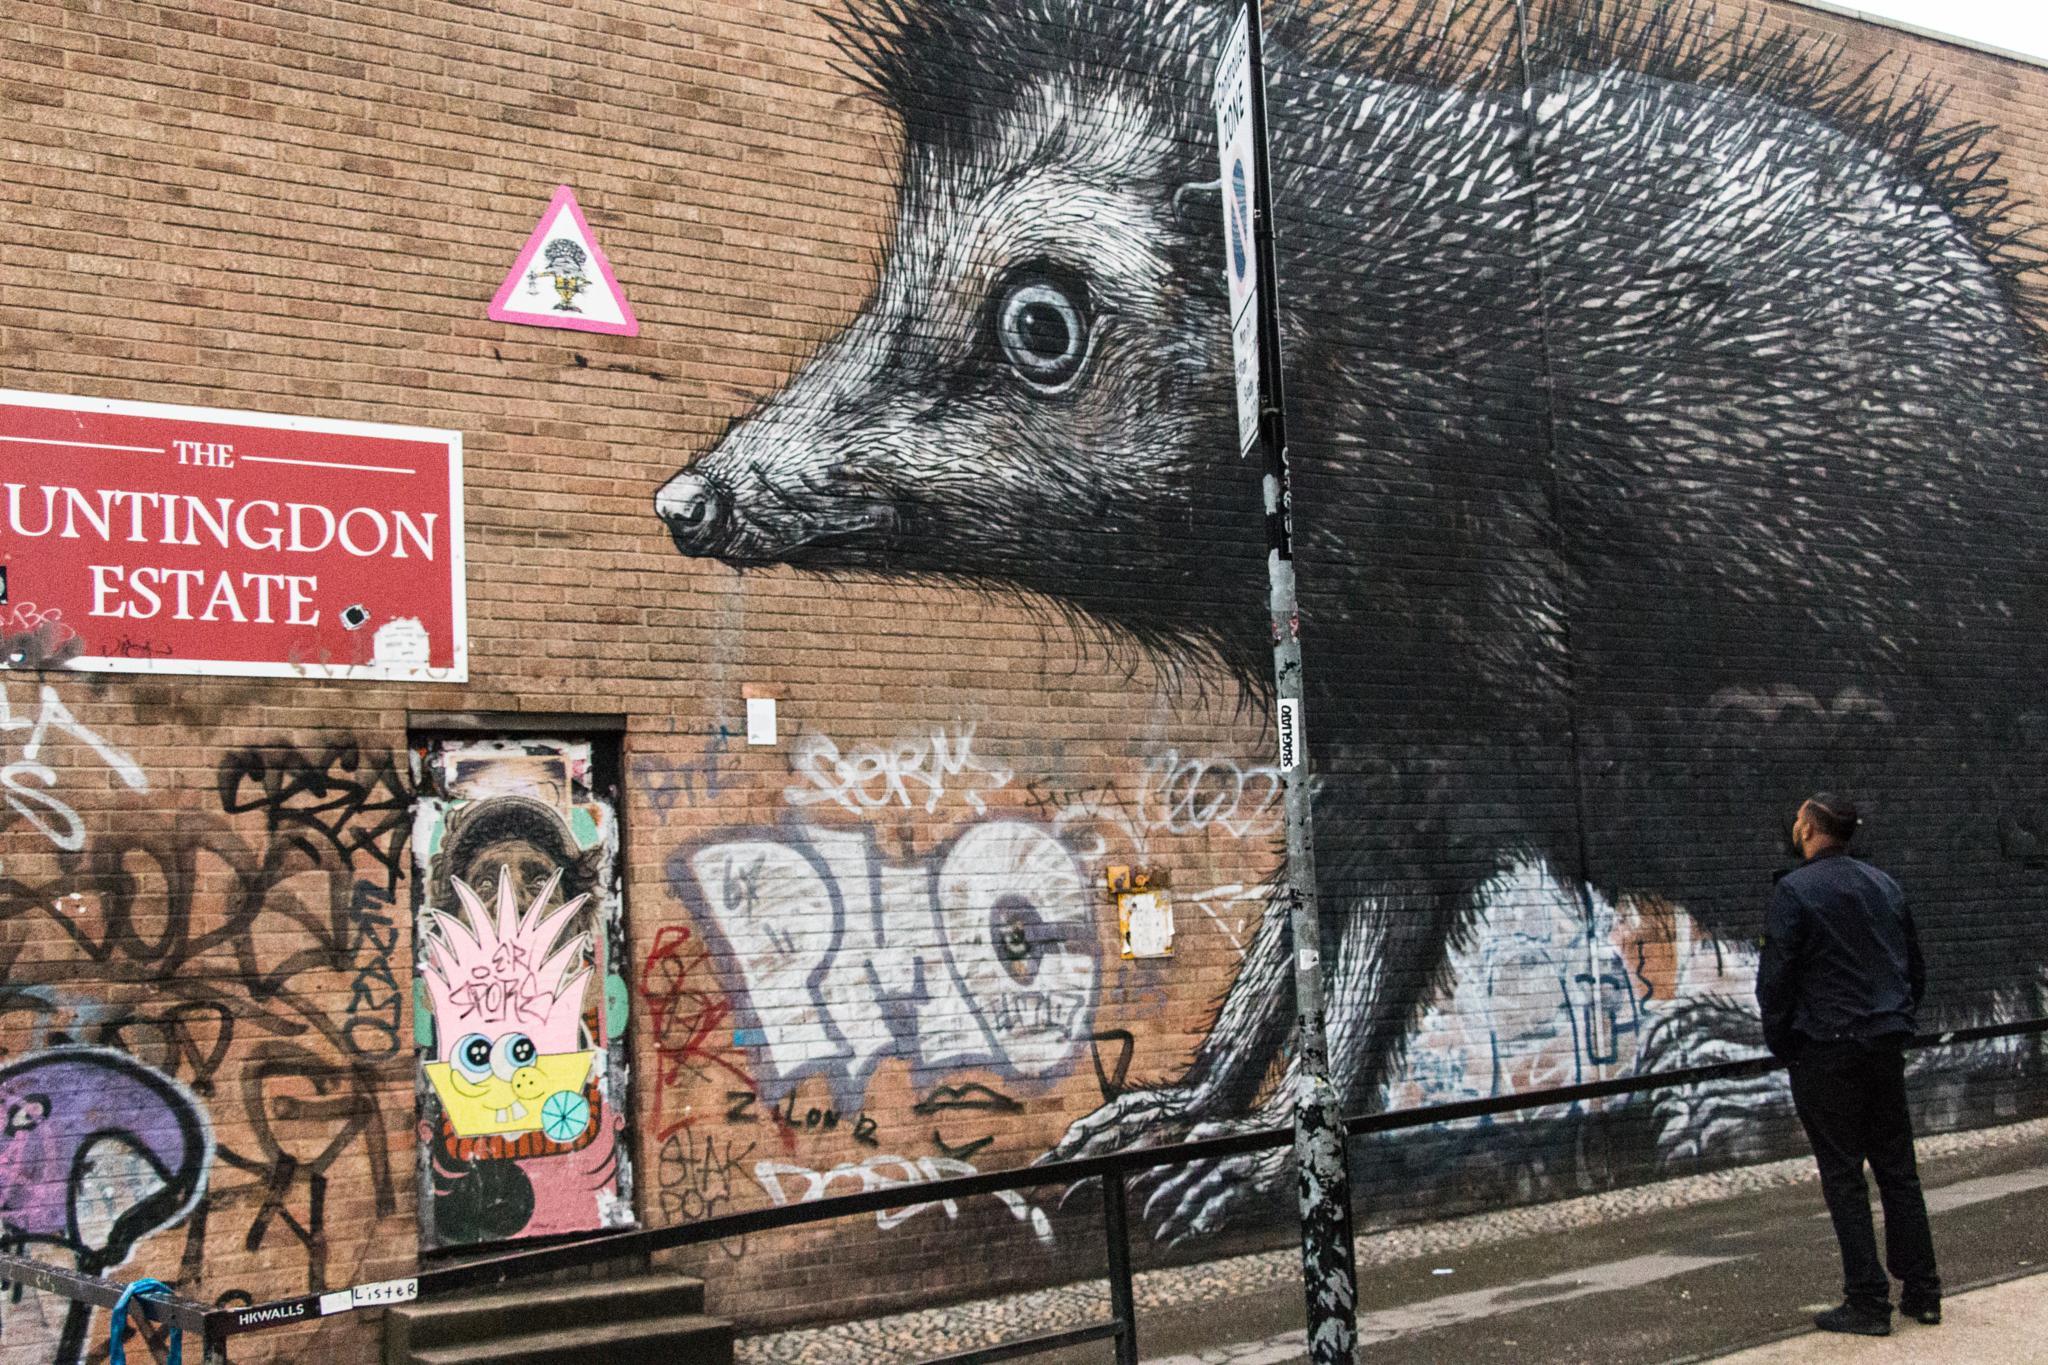 East London wallart. by Kobi Balulu